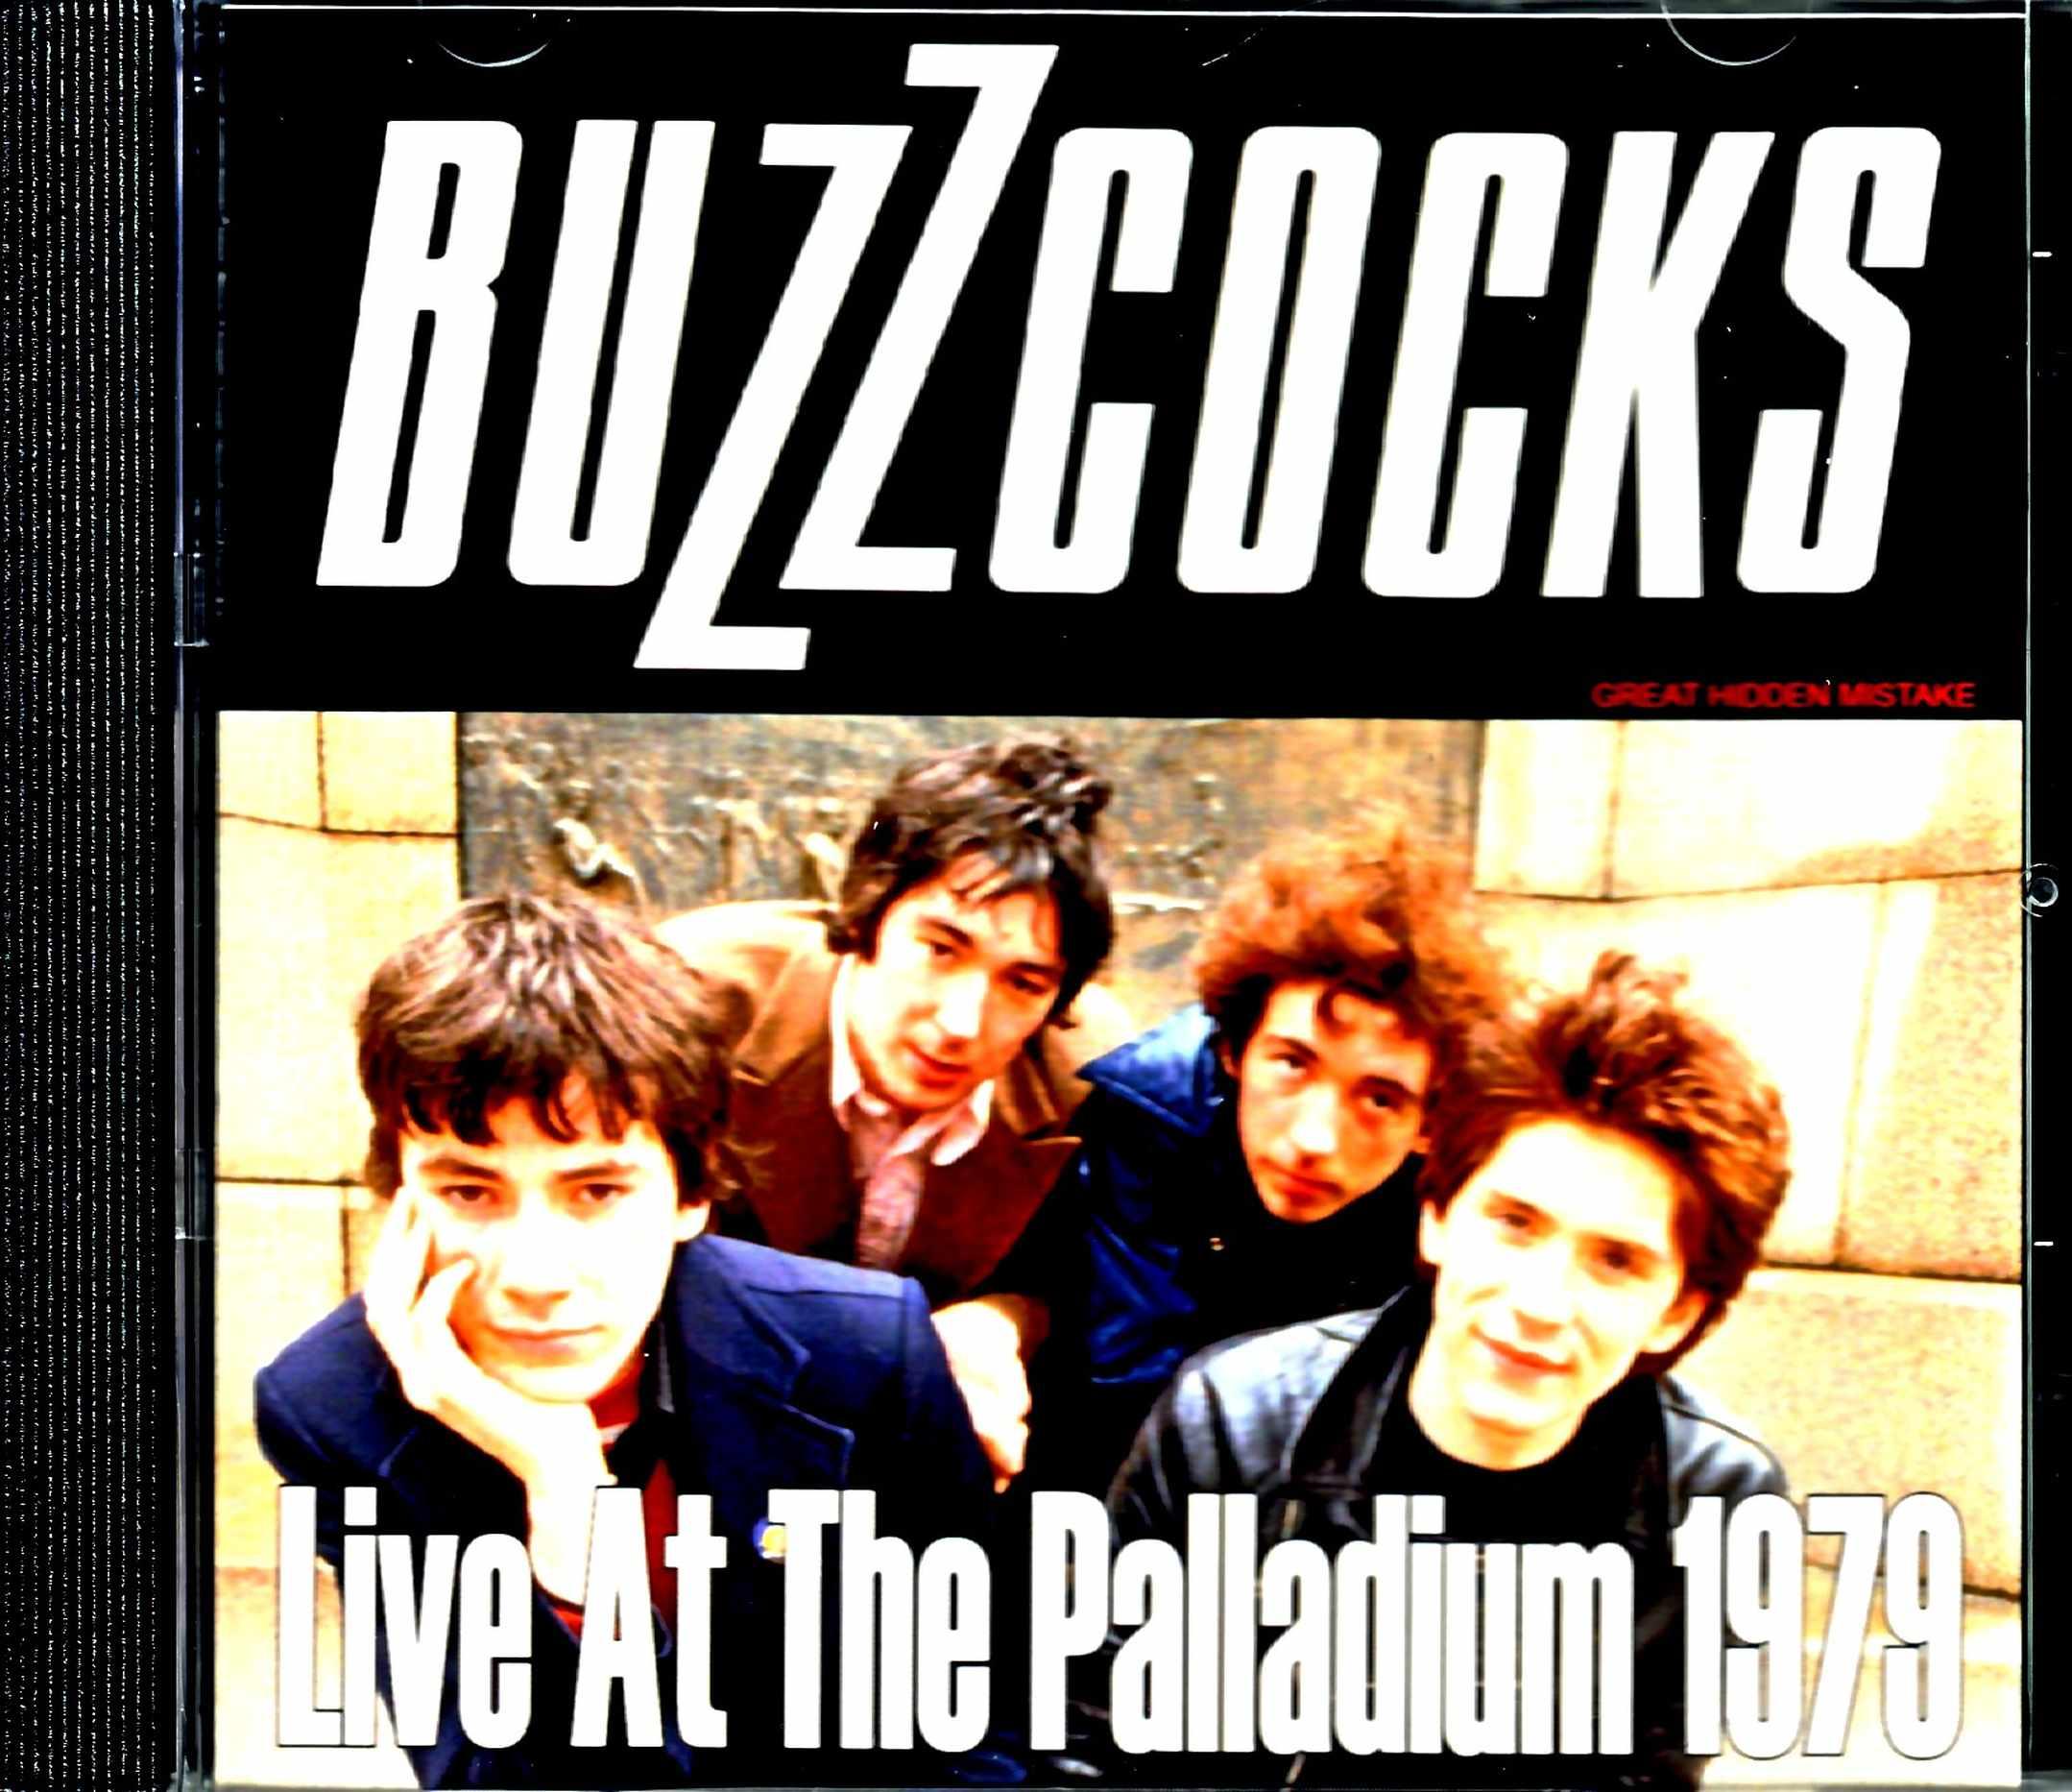 Buzzcocks バズコックス/NY,USA 1979